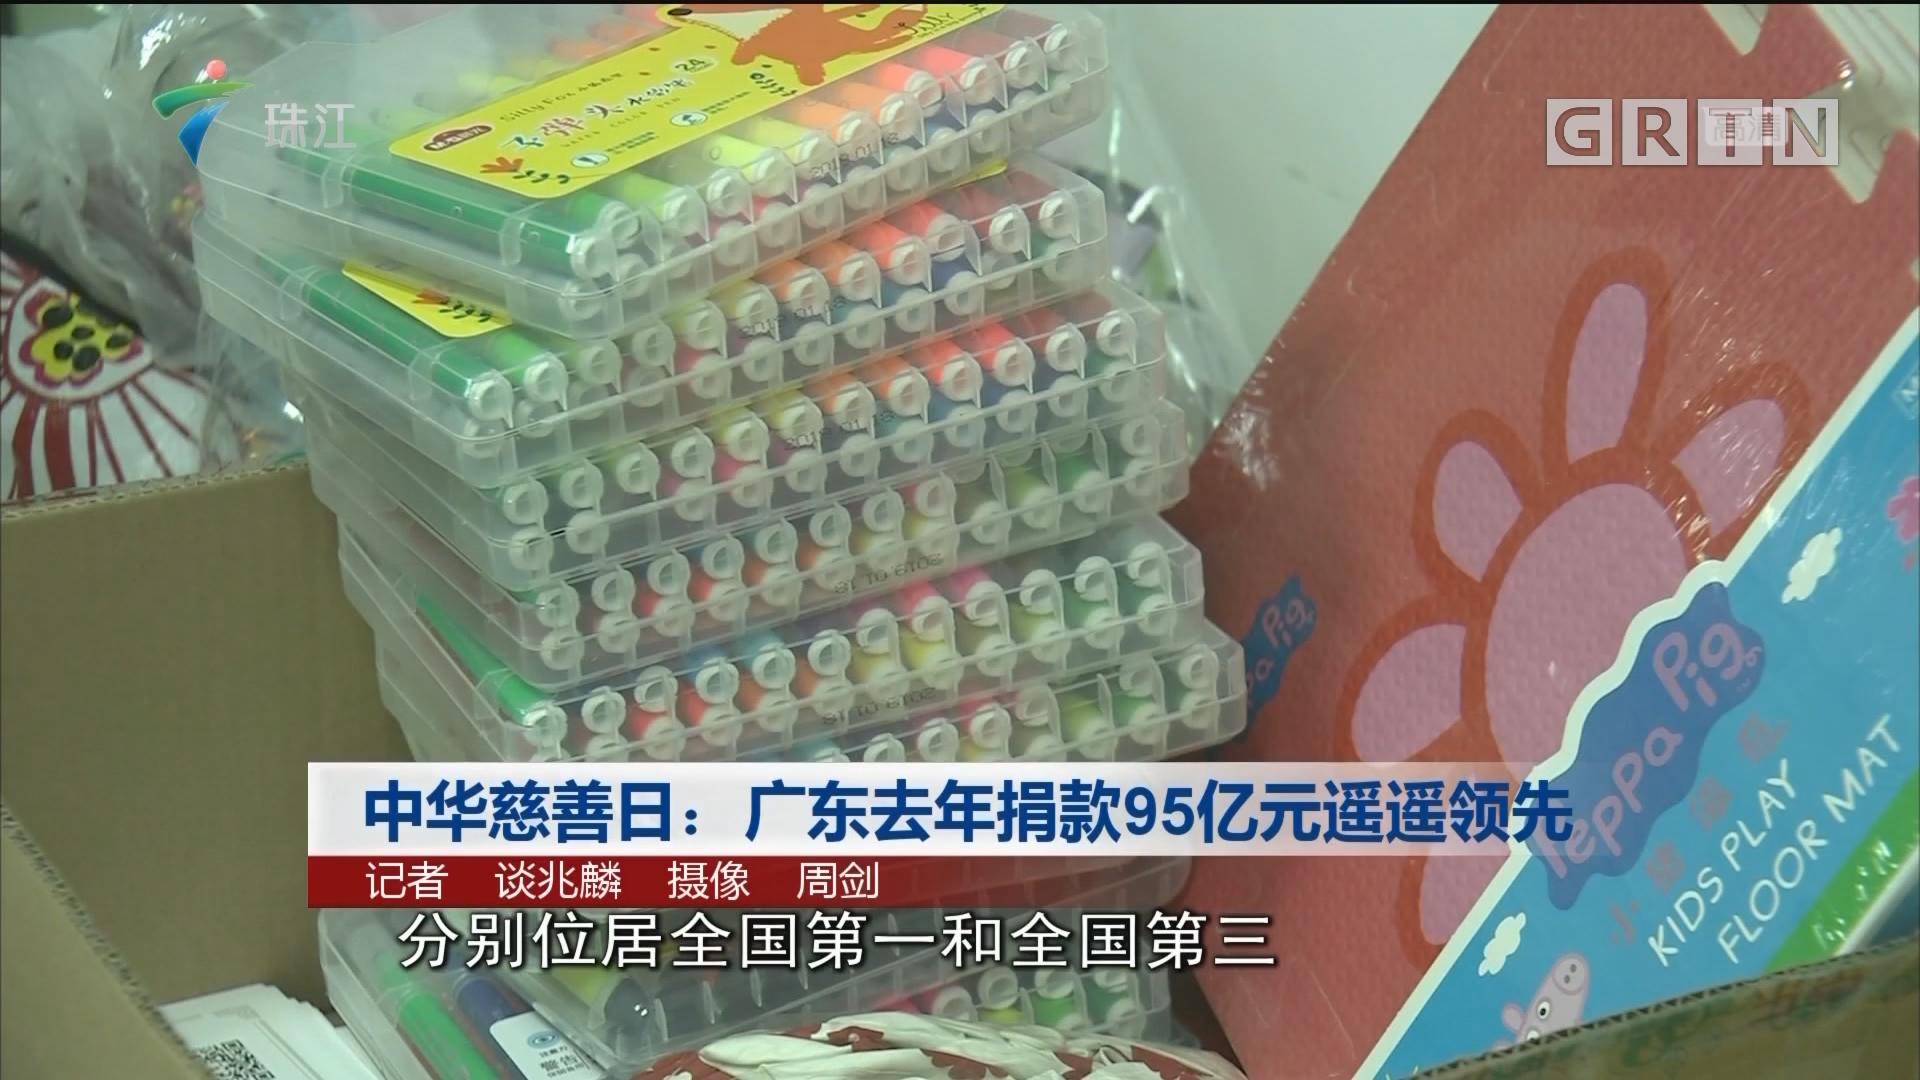 中华慈善日:广东去年捐款95亿元遥遥领先